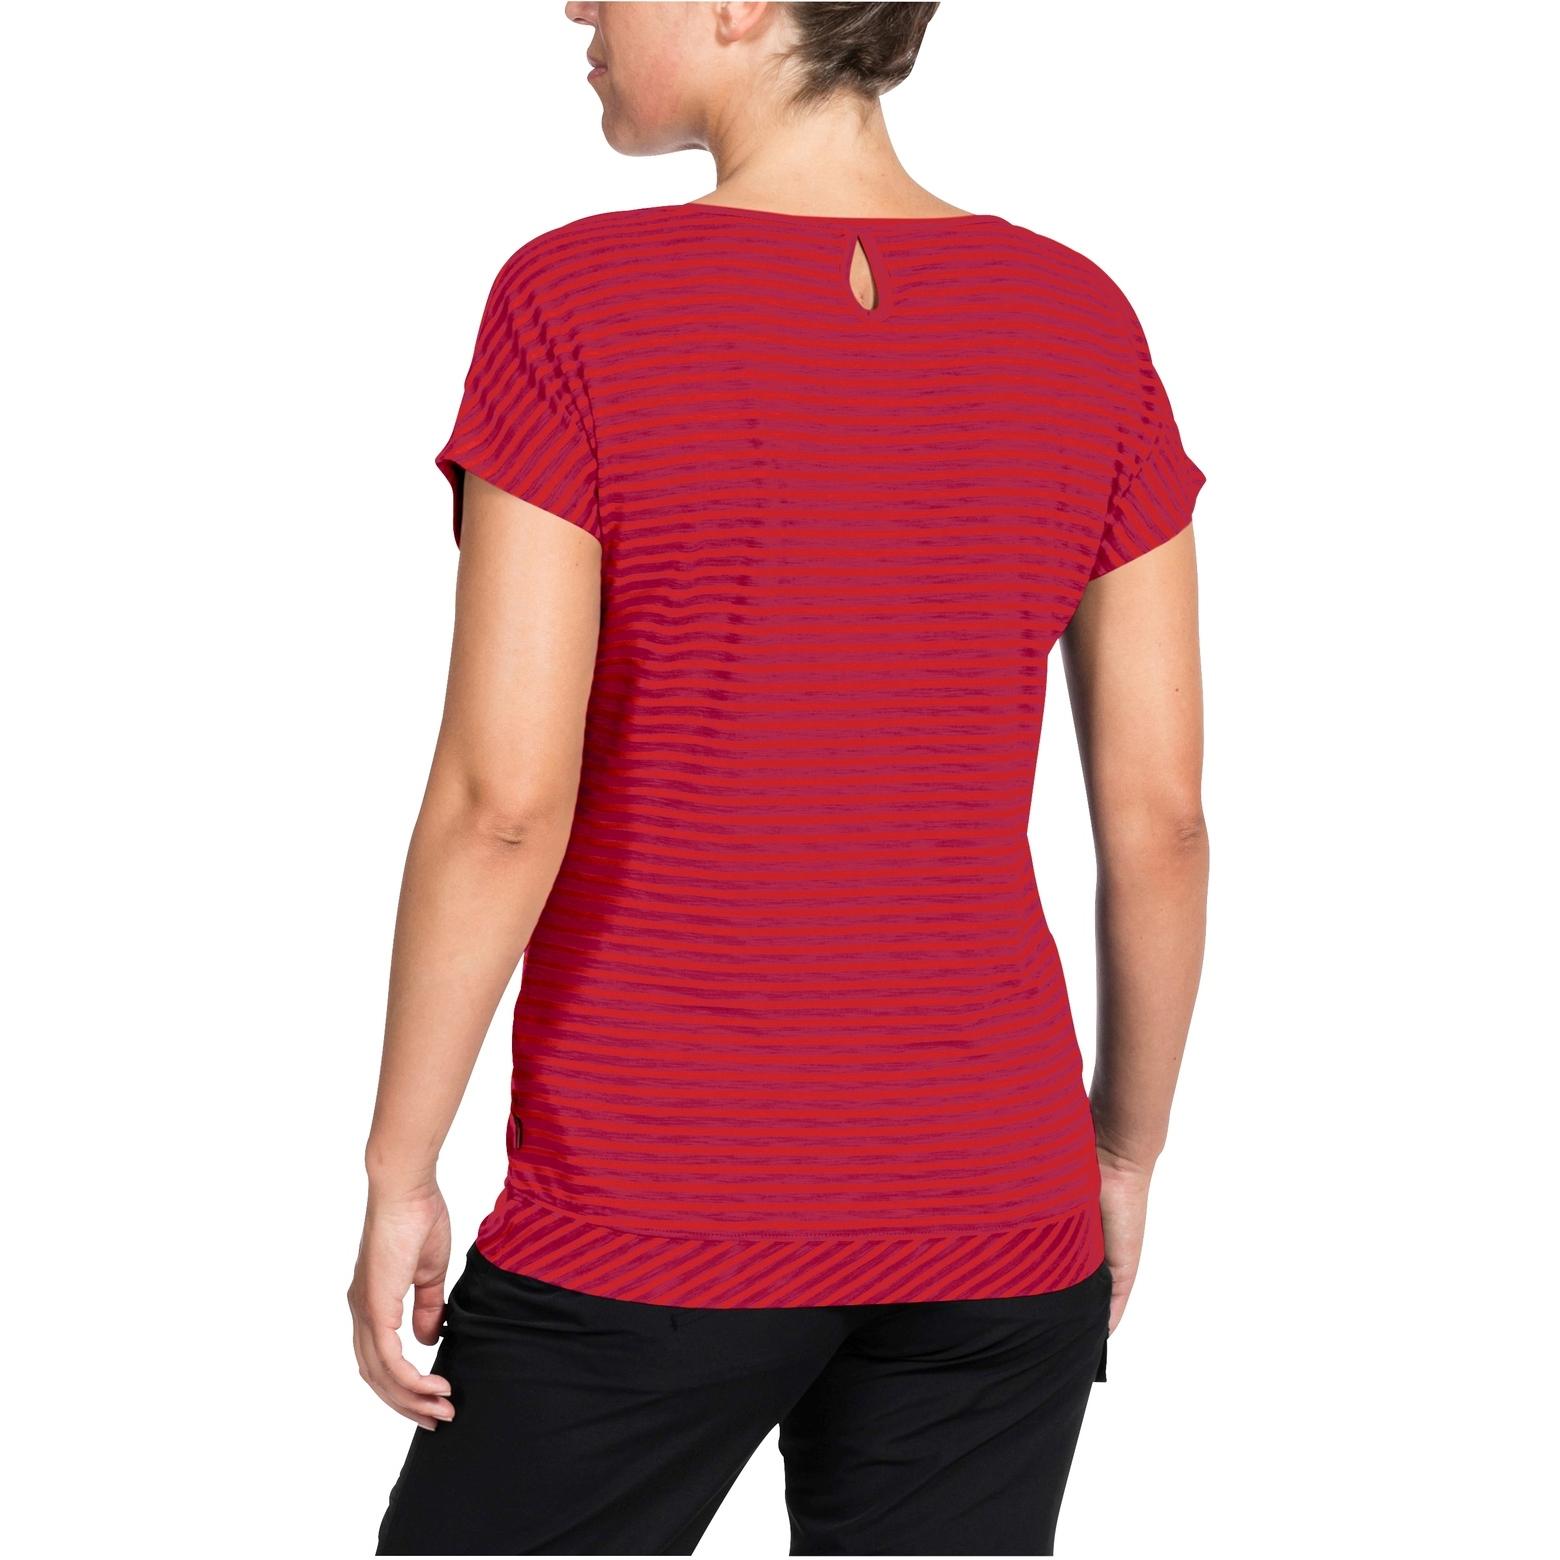 Bild von Vaude Skomer Damen T-Shirt II - mars red